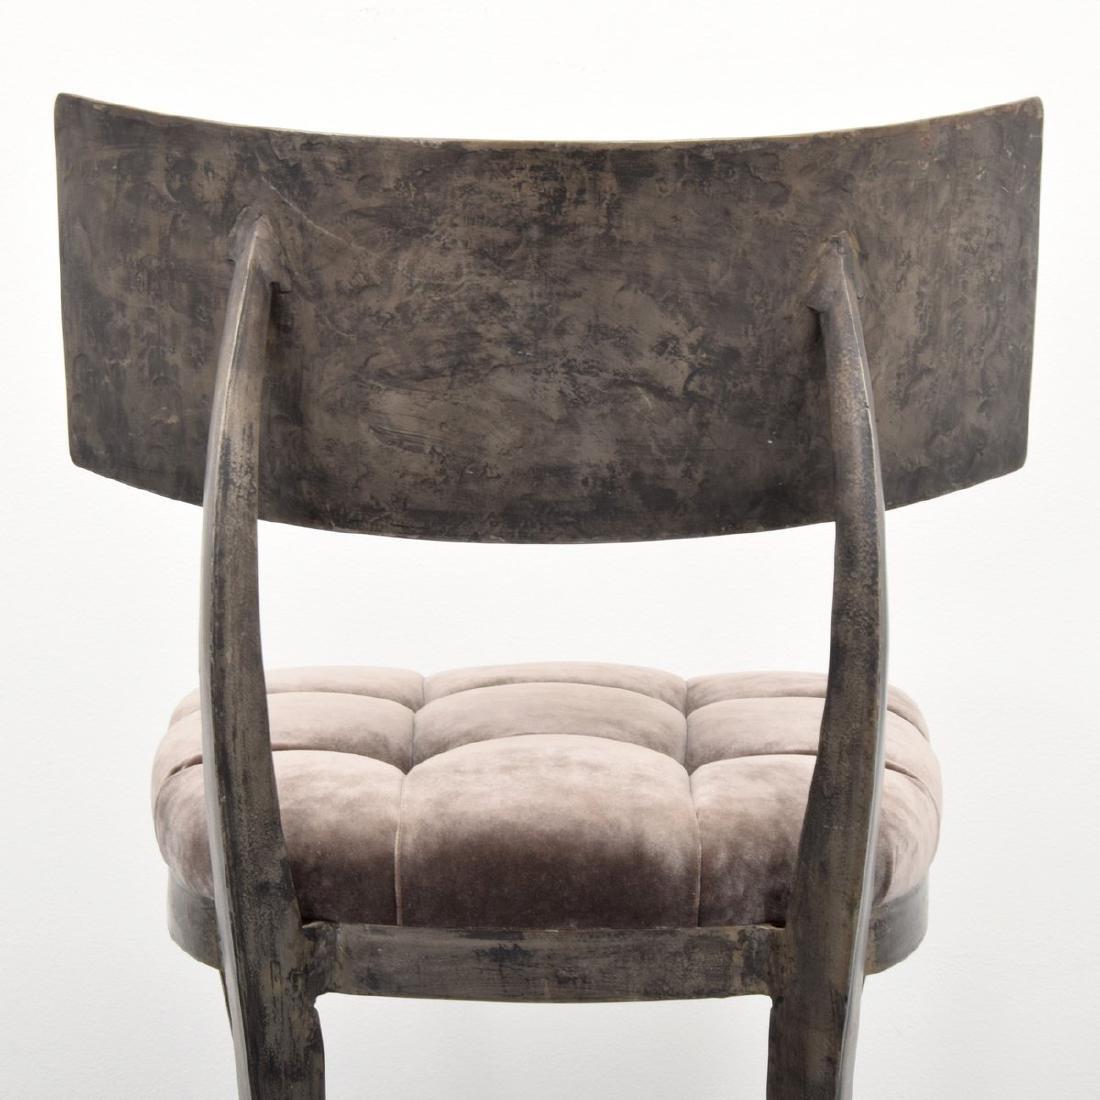 4 Klismos Chairs, Manner of T.H. Robsjohn-Gibbings - 8